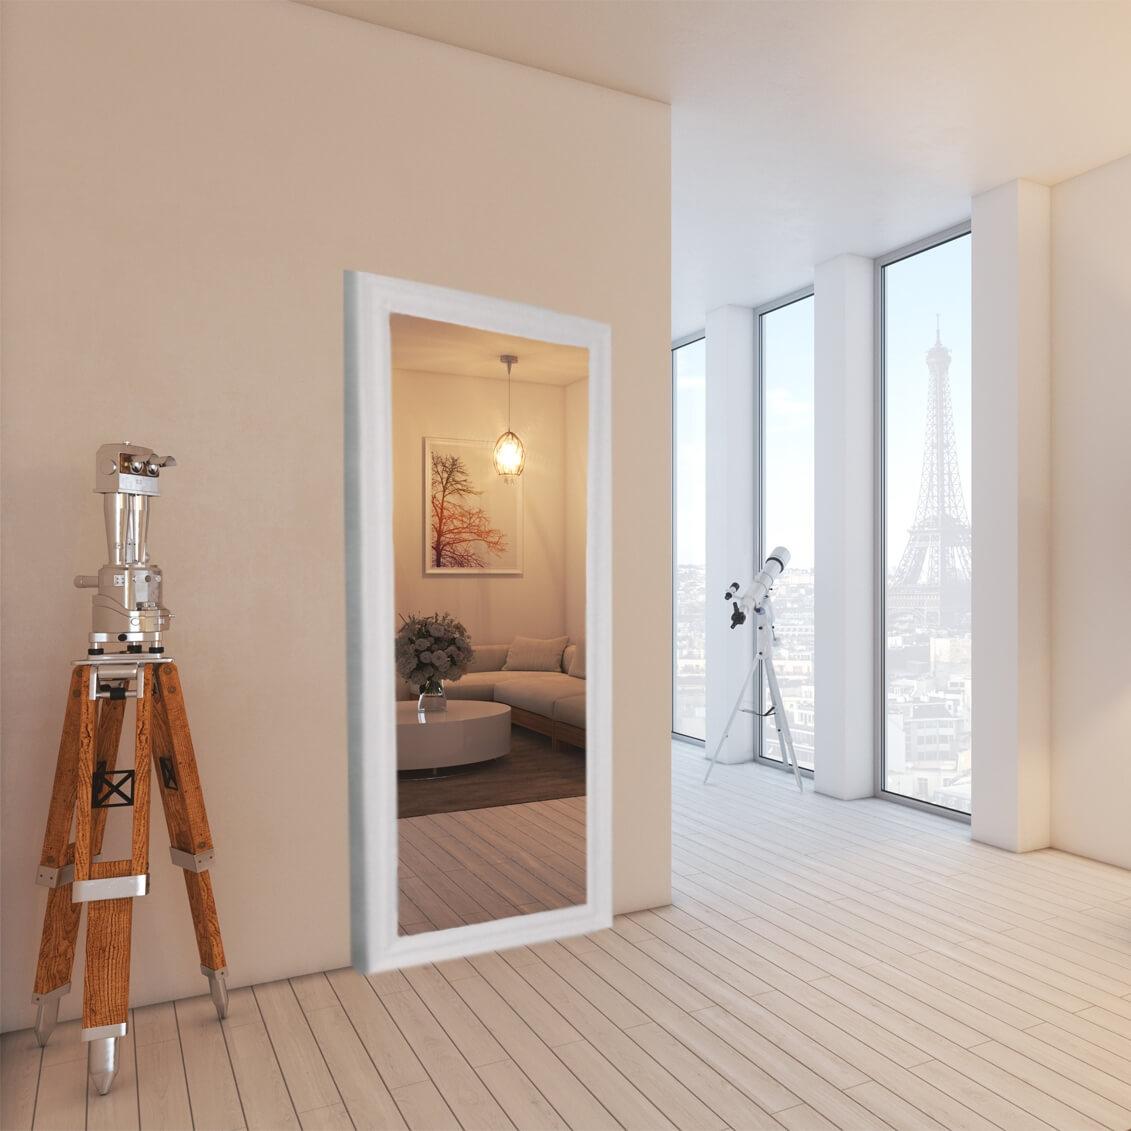 porte scorrevoli esterno muro con specchio compra on line